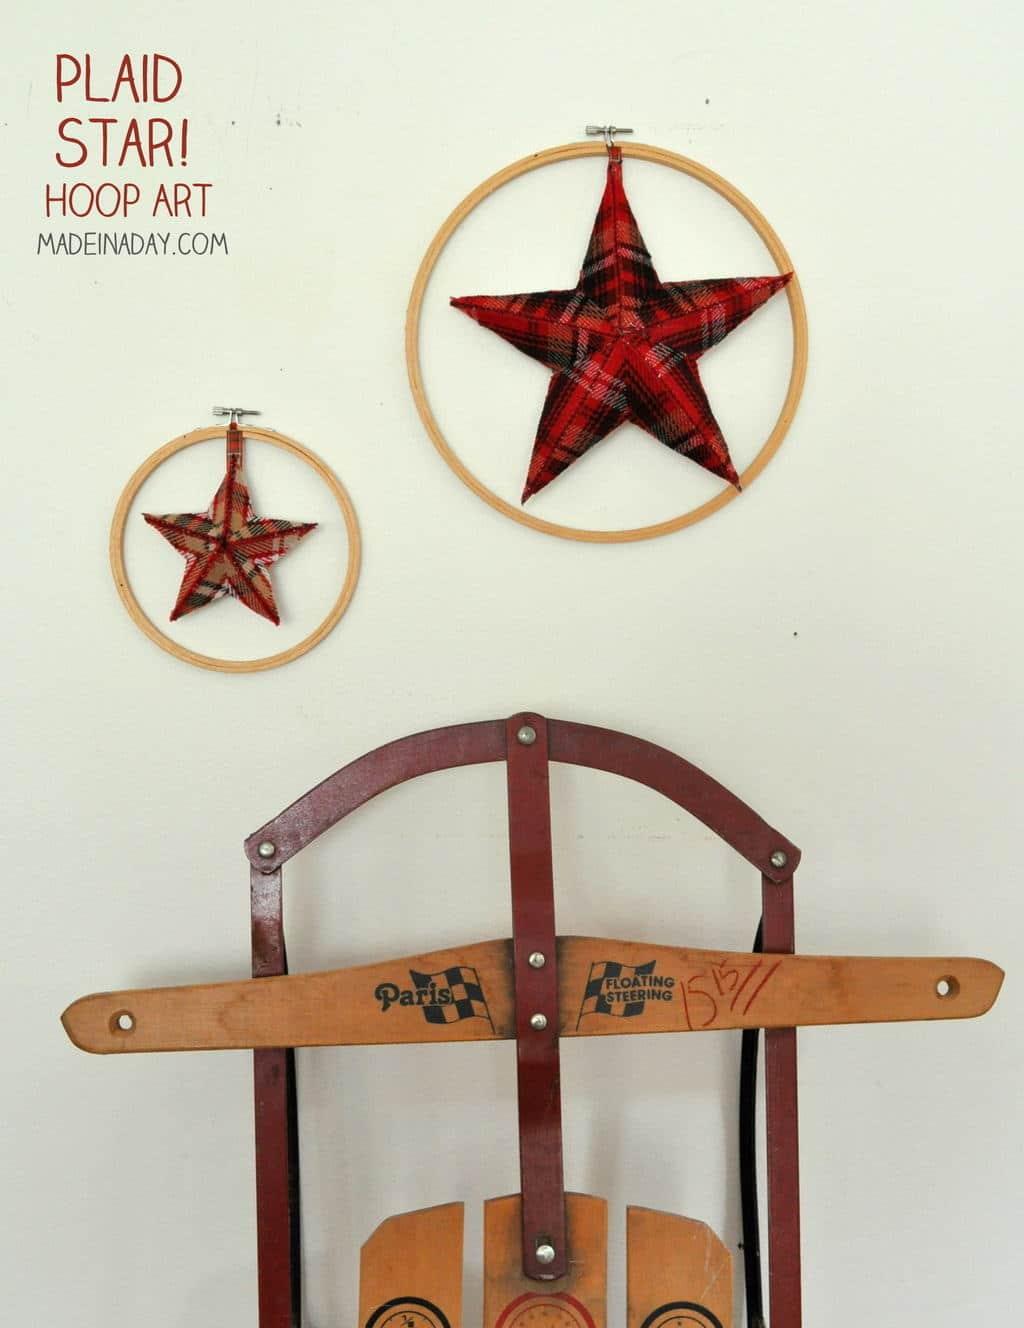 #Plaid #Fabric #Stars, hoop star wall art, cardboard stars, ribbon covered stars